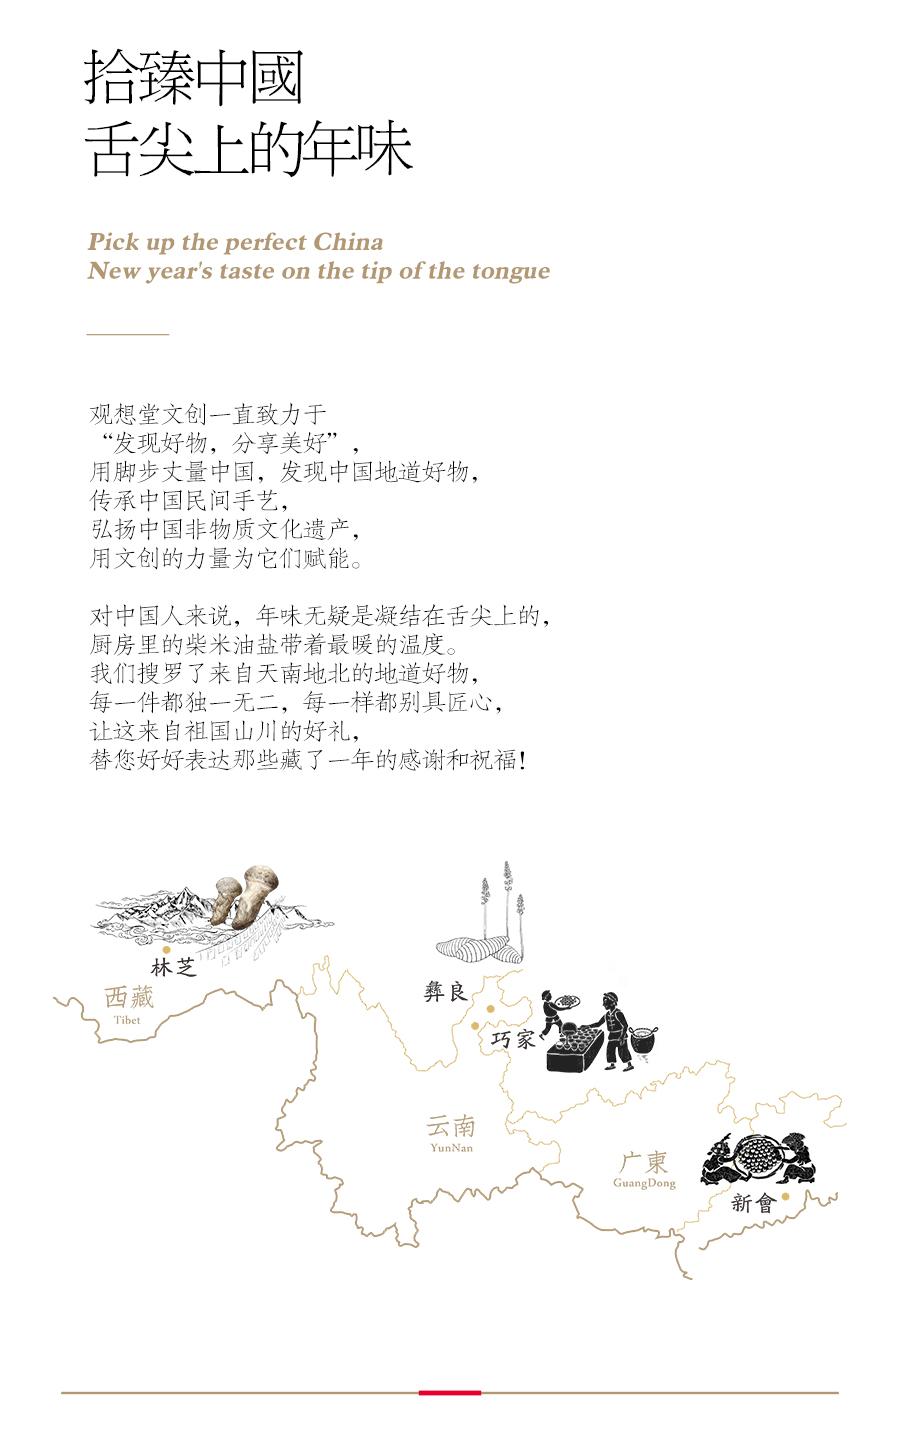 观想堂2021新年礼盒——《拾臻中国》